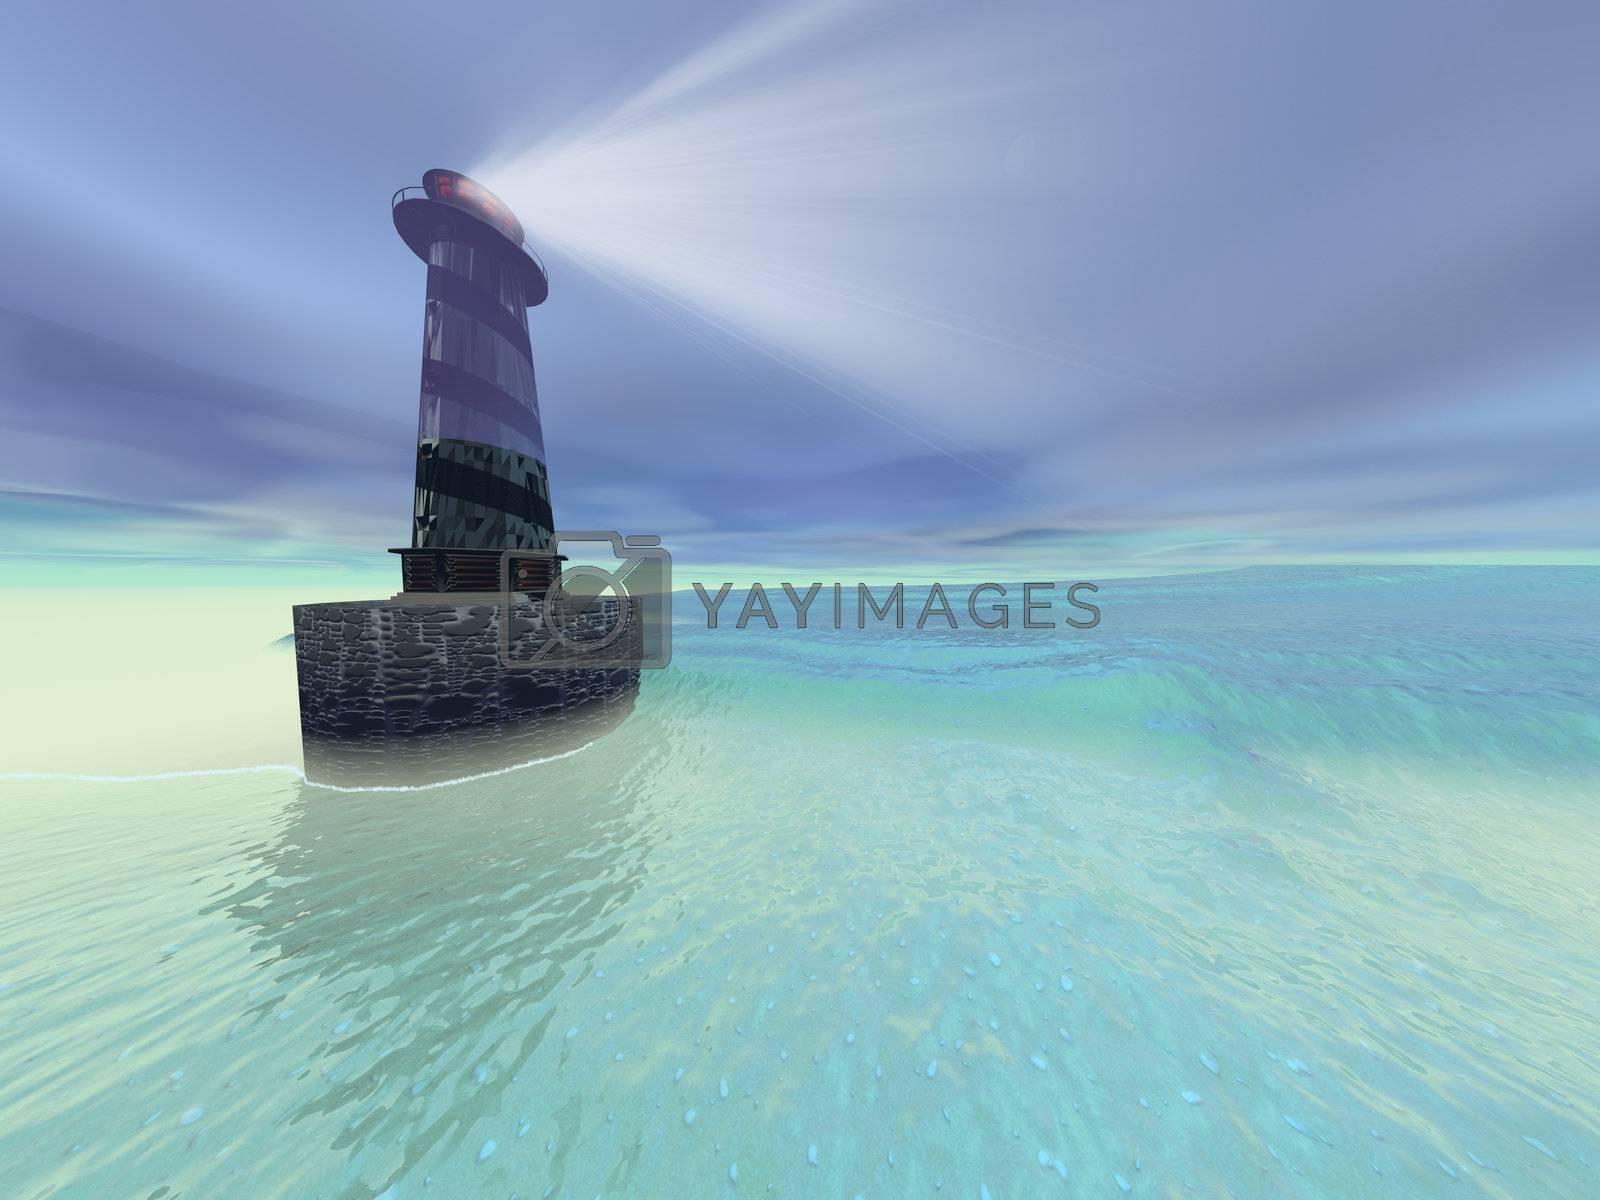 Low fog settles down on a lighthouse near the coast.